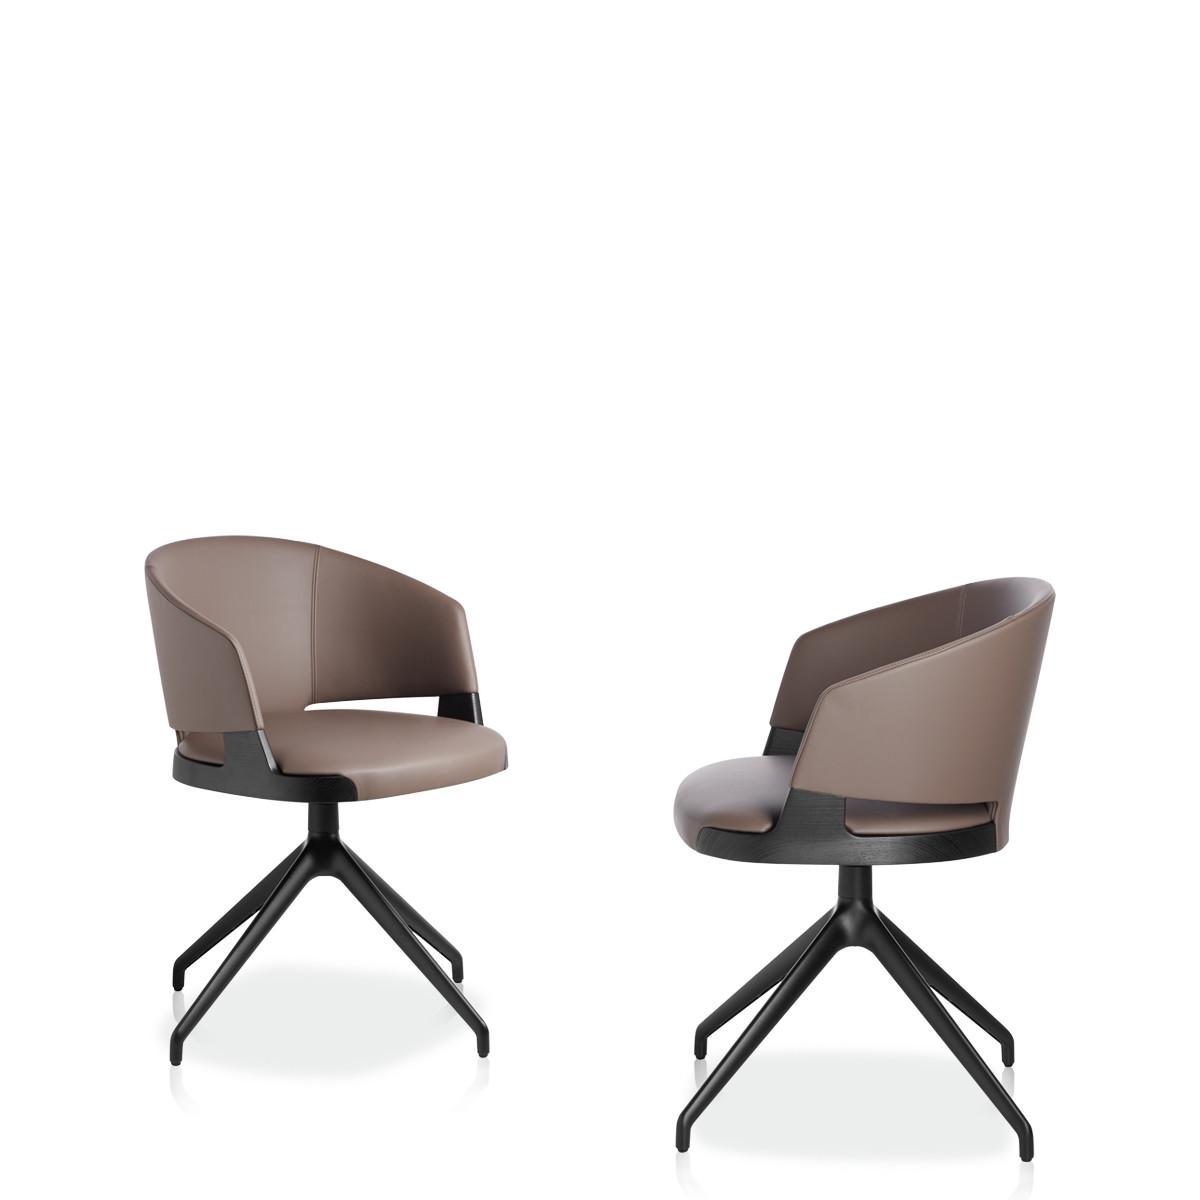 Entdecken Sie bei Conzept Beckord besondere Designmöbel! Hier finden Sie Potocco Stühle: Velis Swivel